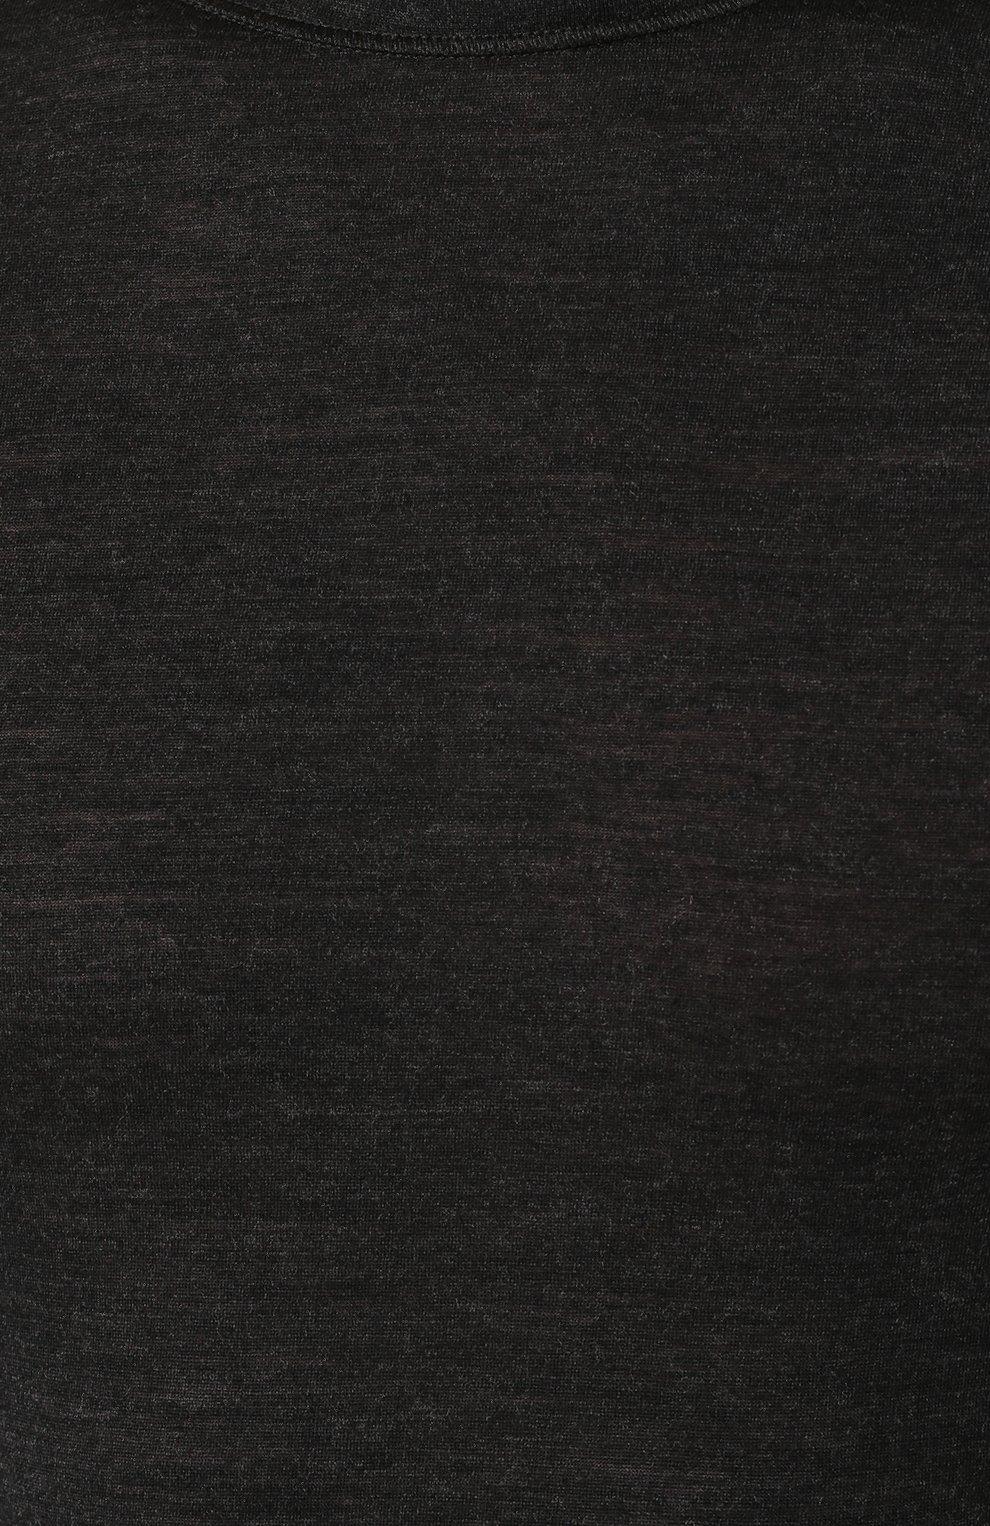 Мужская футболка из смеси шерсти и шелка FALKE темно-серого цвета, арт. 33423   Фото 5 (Материал внешний: Шерсть, Шелк; Кросс-КТ: домашняя одежда; Рукава: Короткие; Длина (для топов): Стандартные; Мужское Кросс-КТ: Футболка-белье; Статус проверки: Проверена категория)